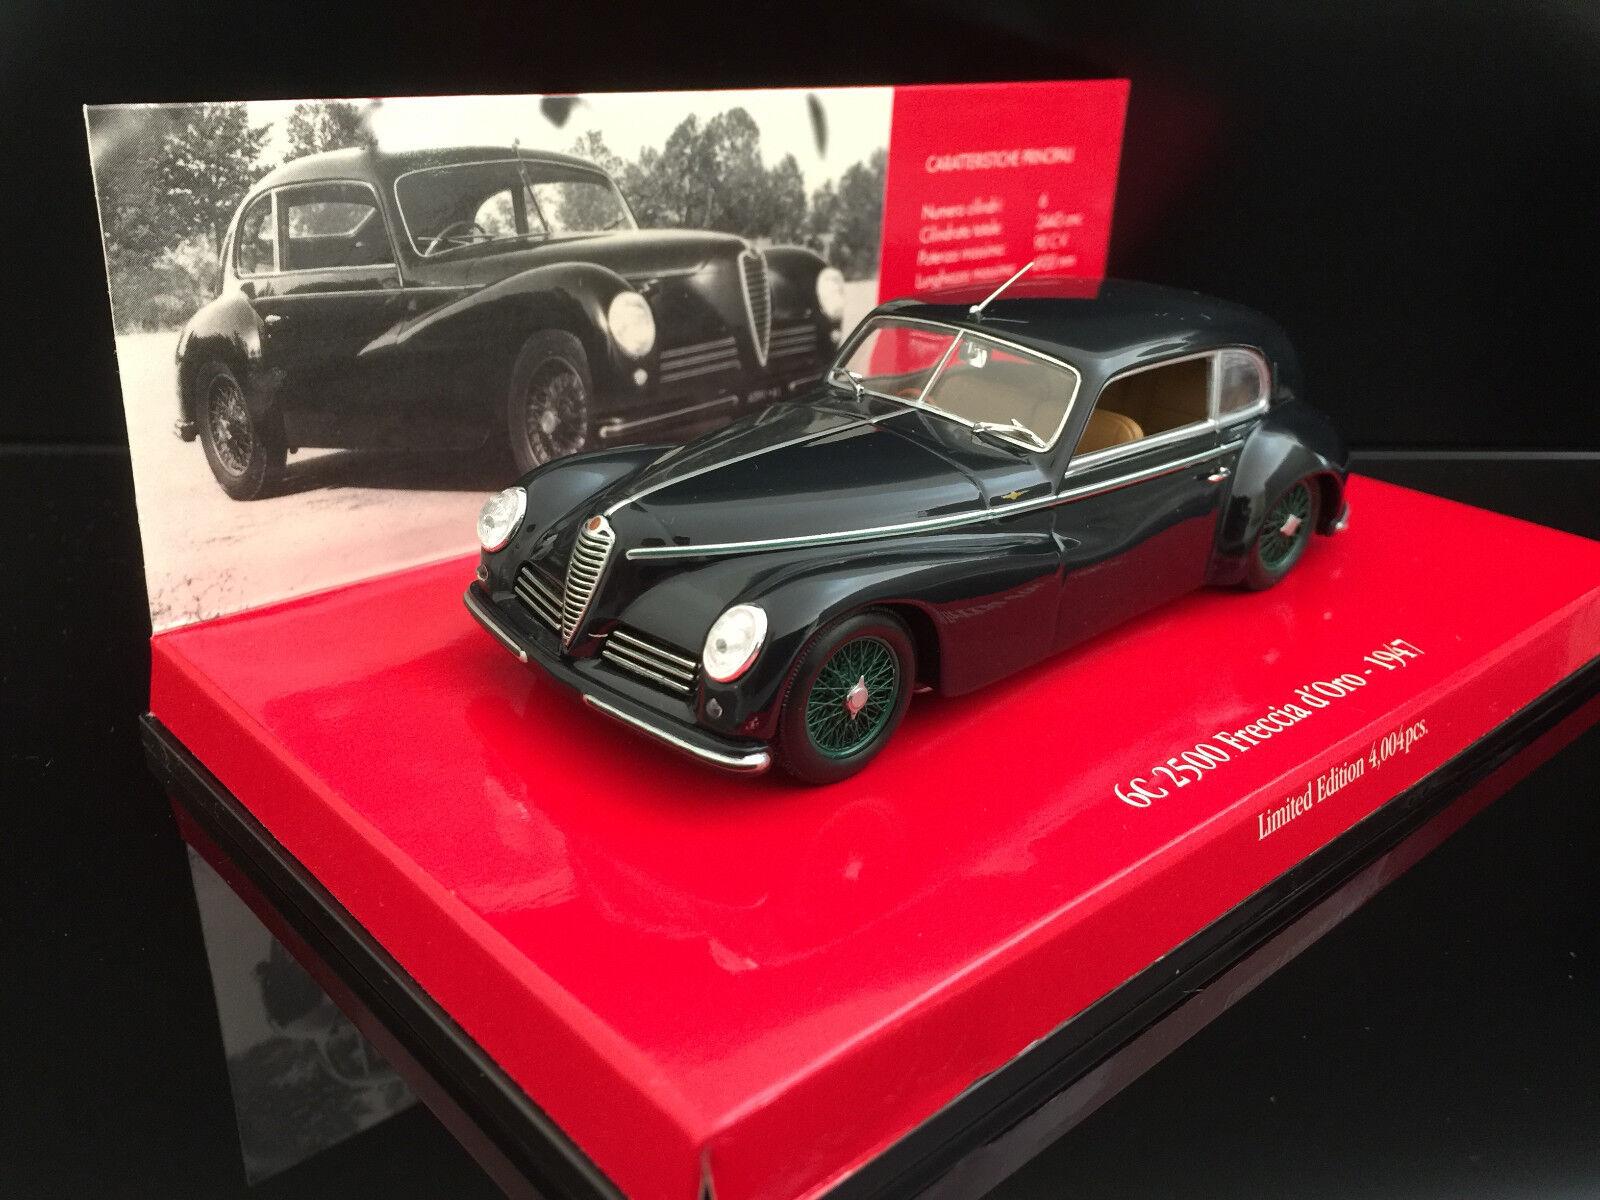 1 43 Minichamps Alfa Romeo 6c 2500 Freccia d 'oro, 1947, azul oscuro